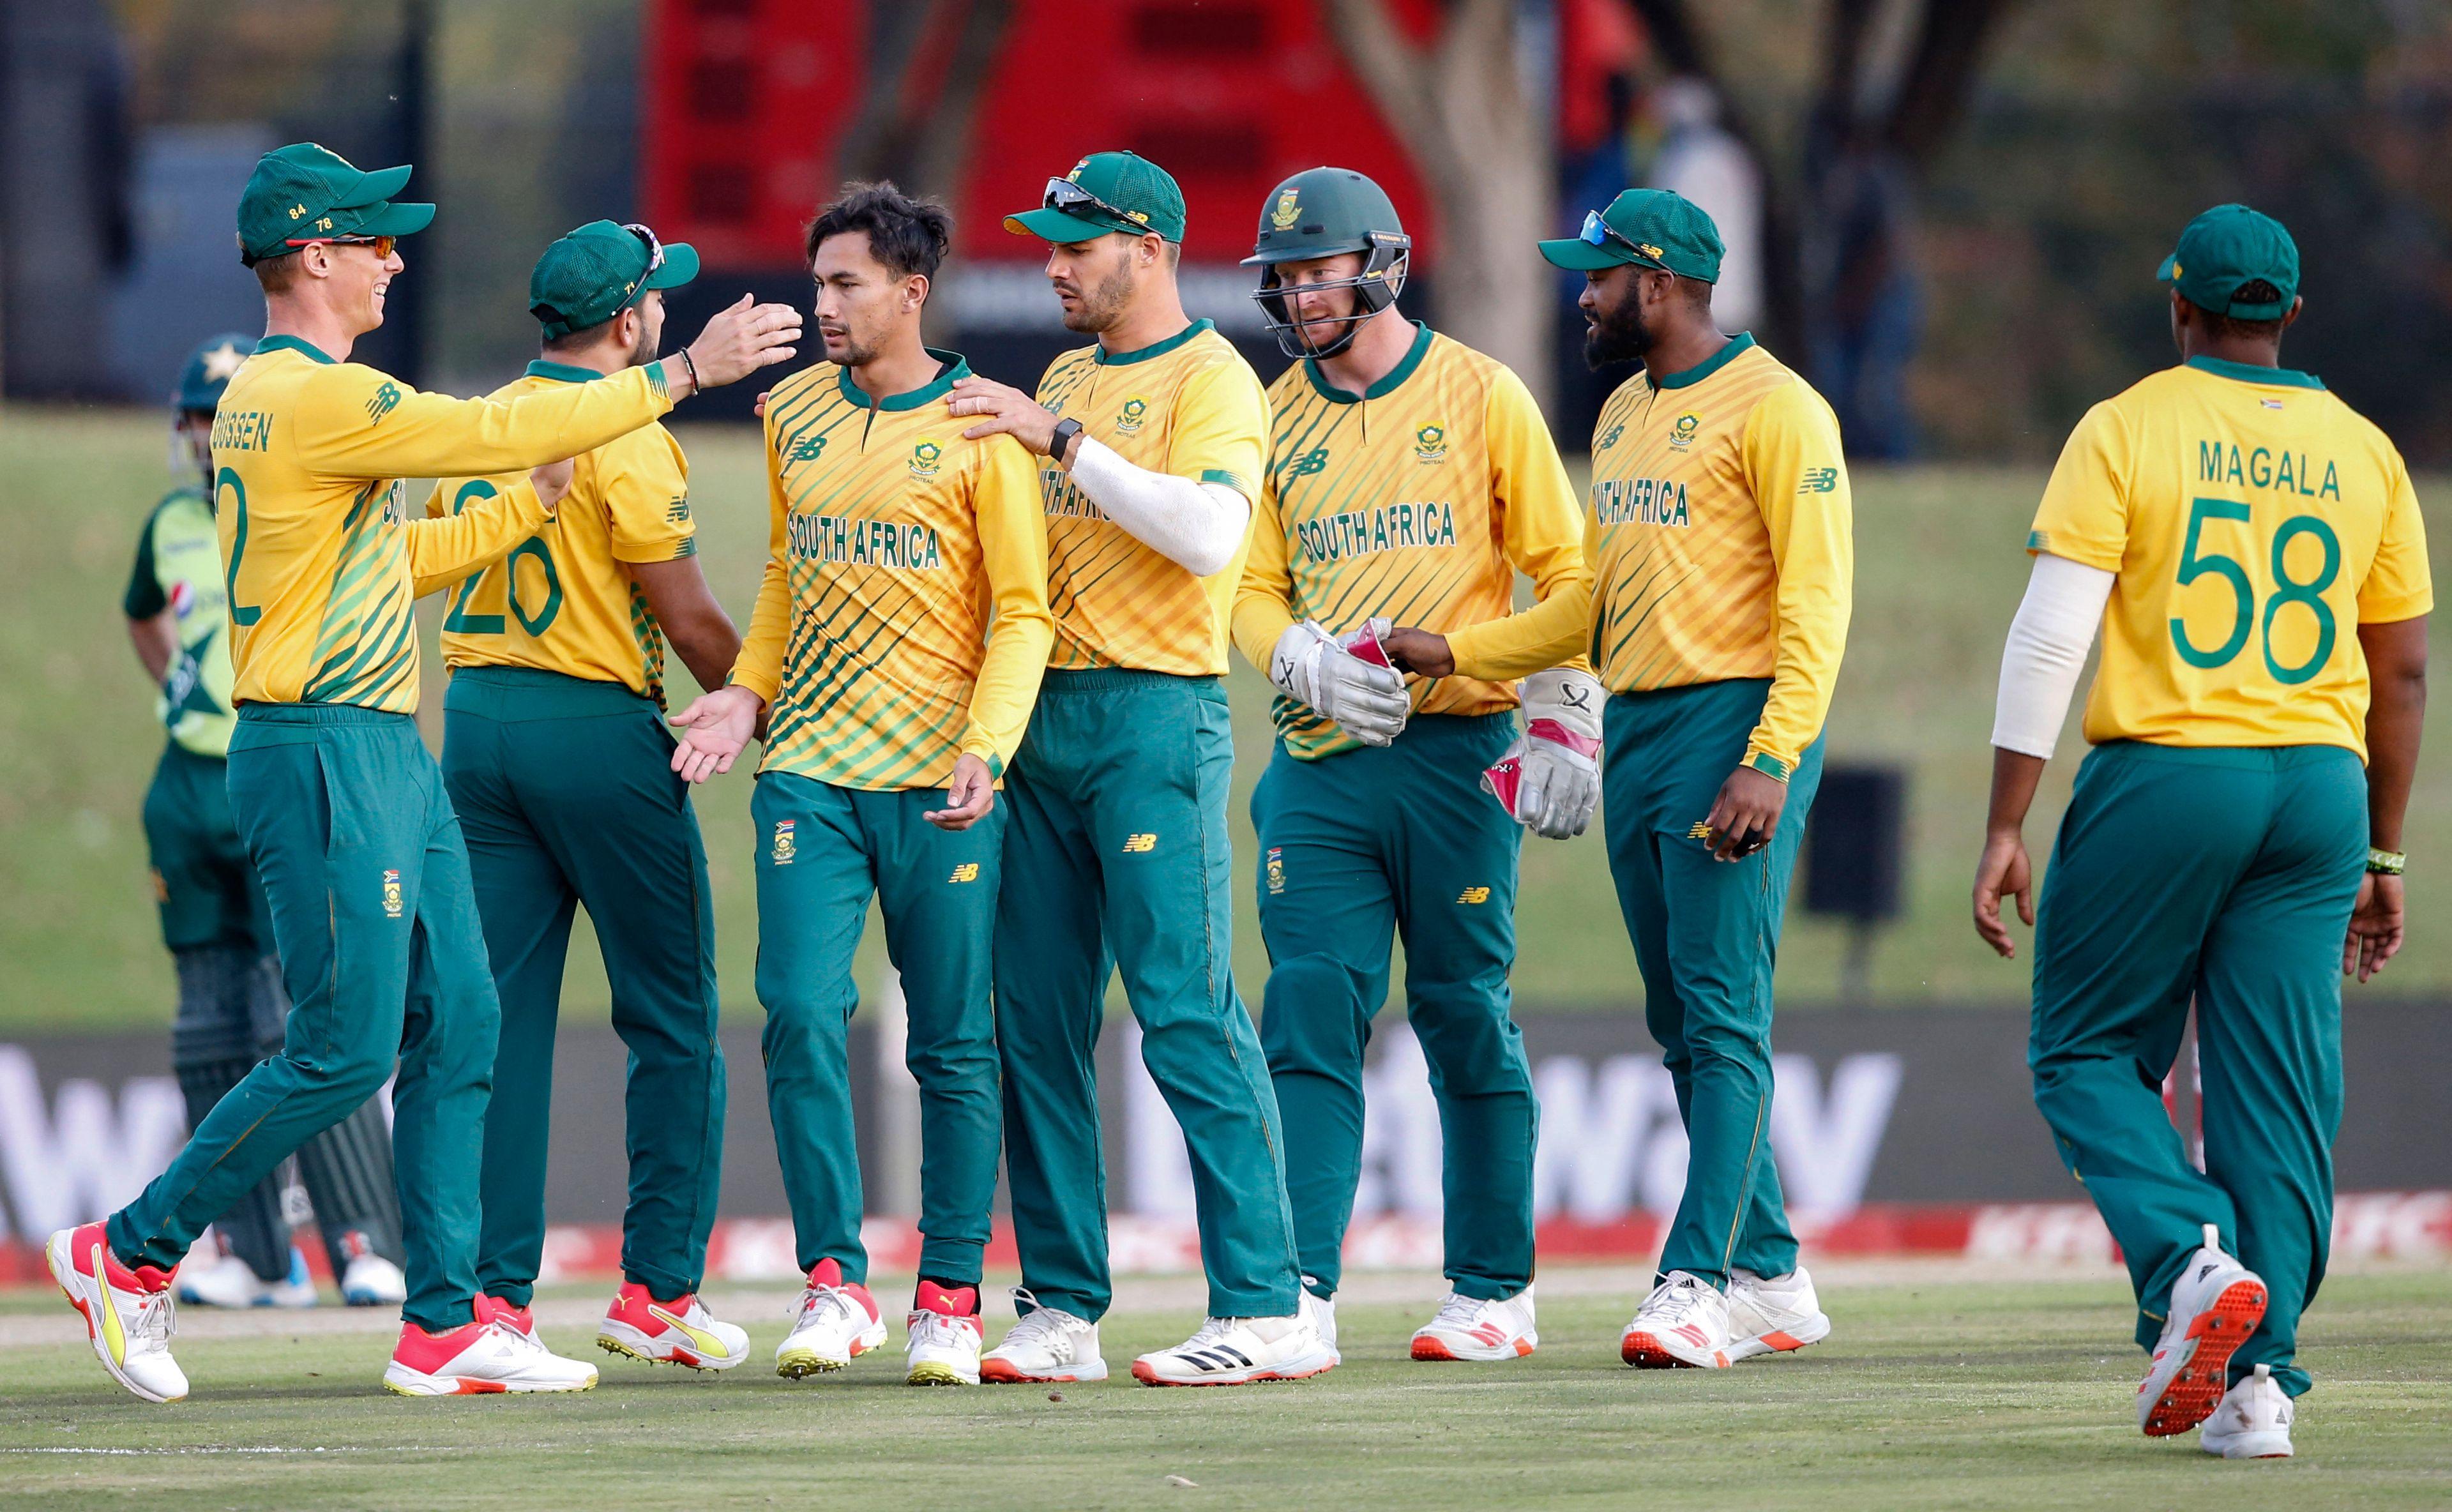 De Villiers retirement final as CSA name squads for West Indies, Ireland  tours